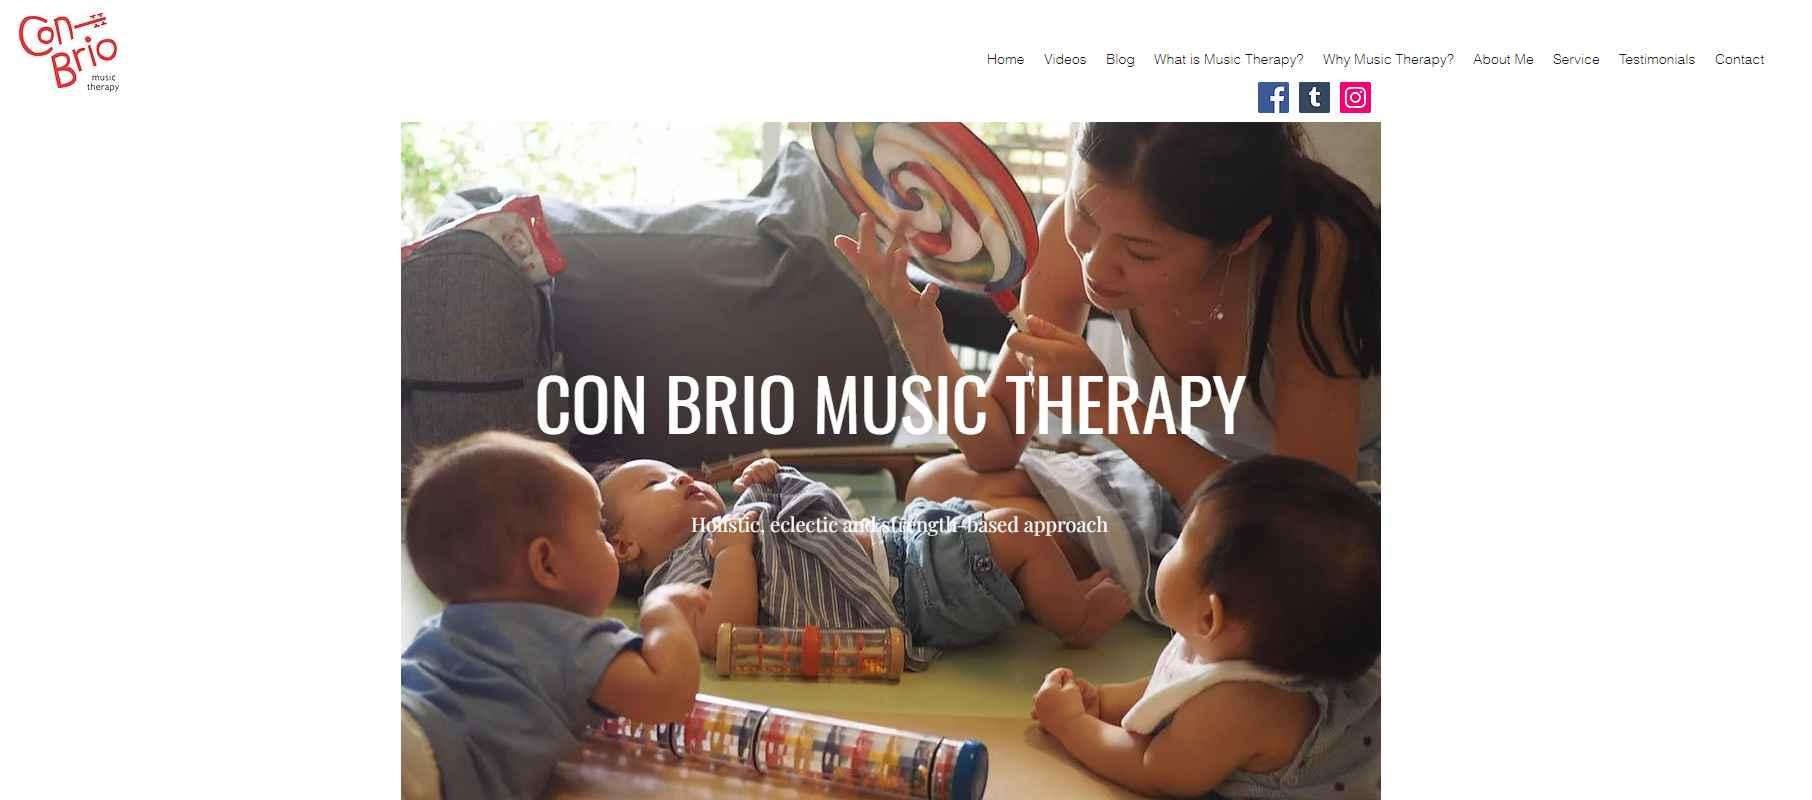 con brio Top Music Therapy Services in Singapore